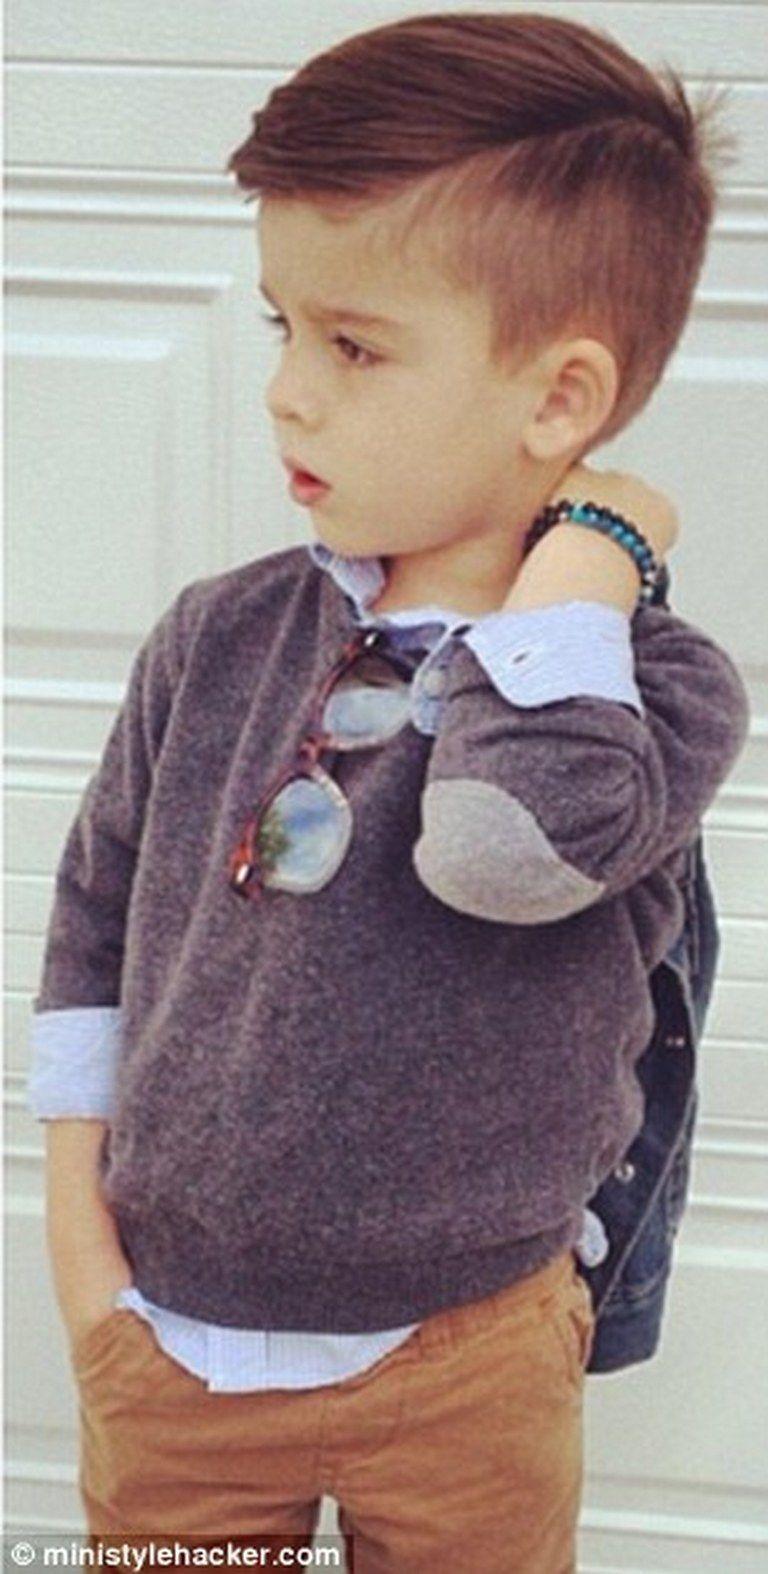 15 little boy haircuts | Kids | Pinterest | Haircut styles, Boy ...